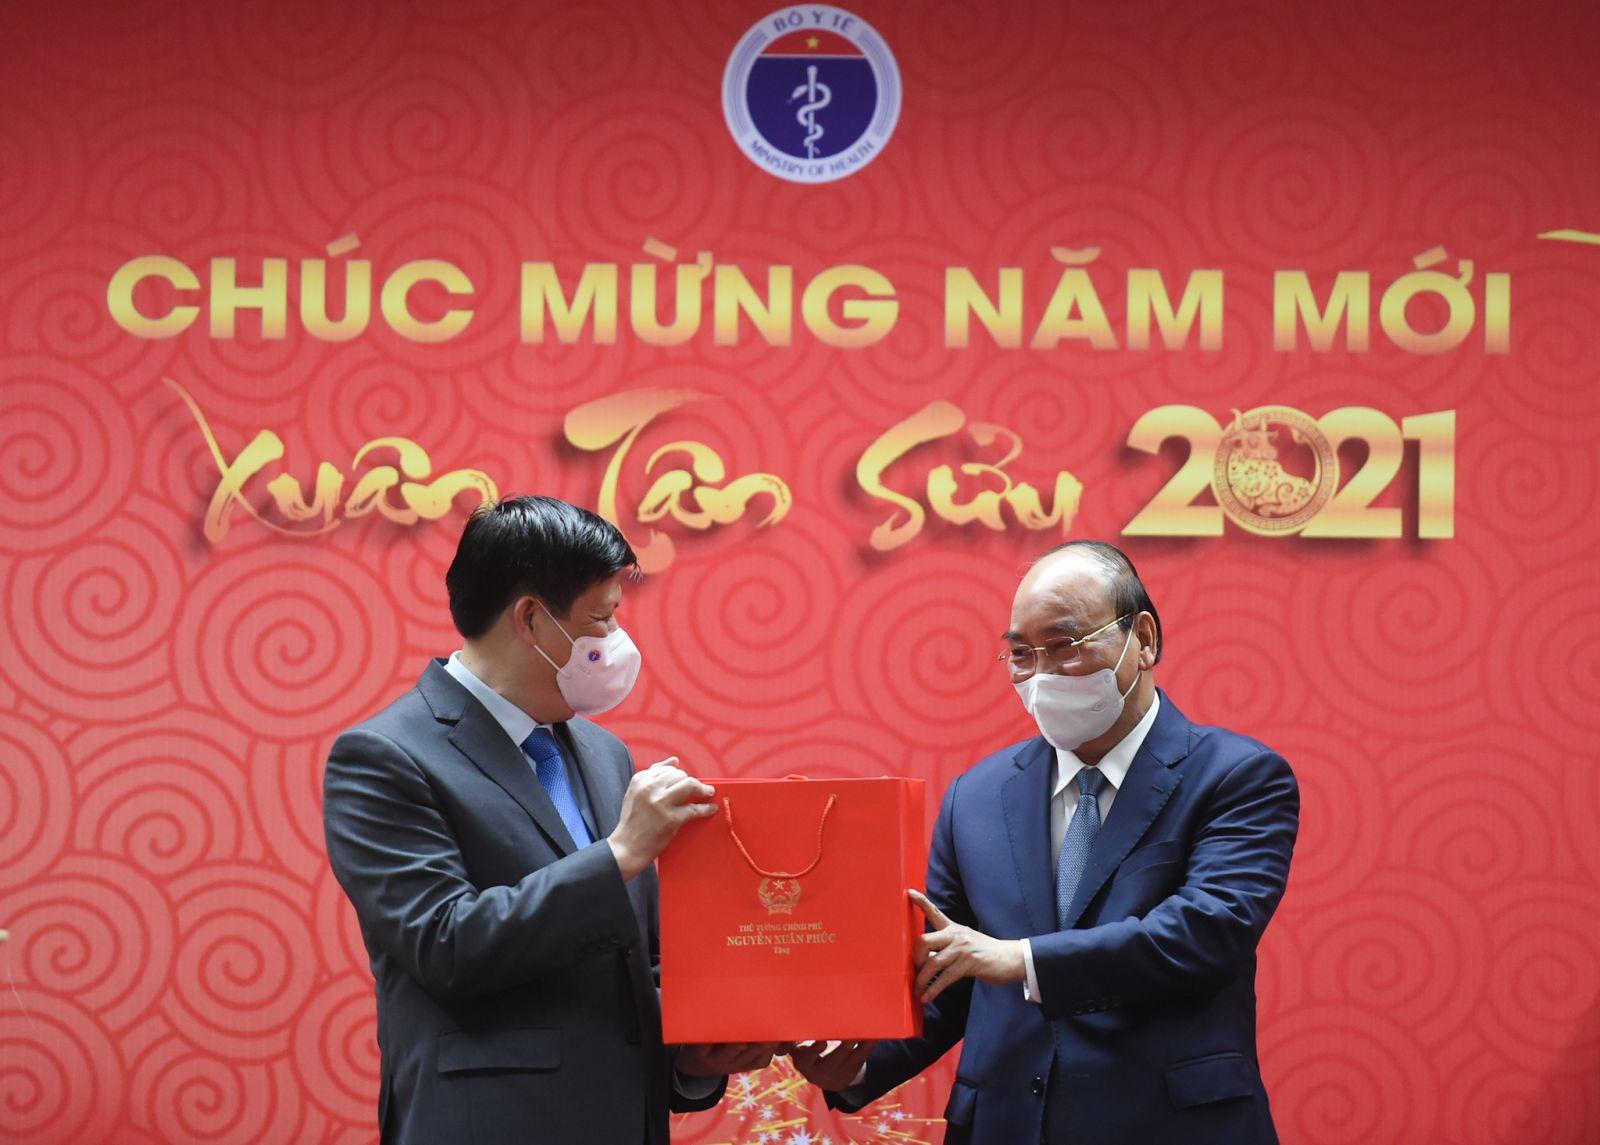 Thủ tướng tặng quà động viên ngành y tế - Ảnh: VGP/Quang Hiếu